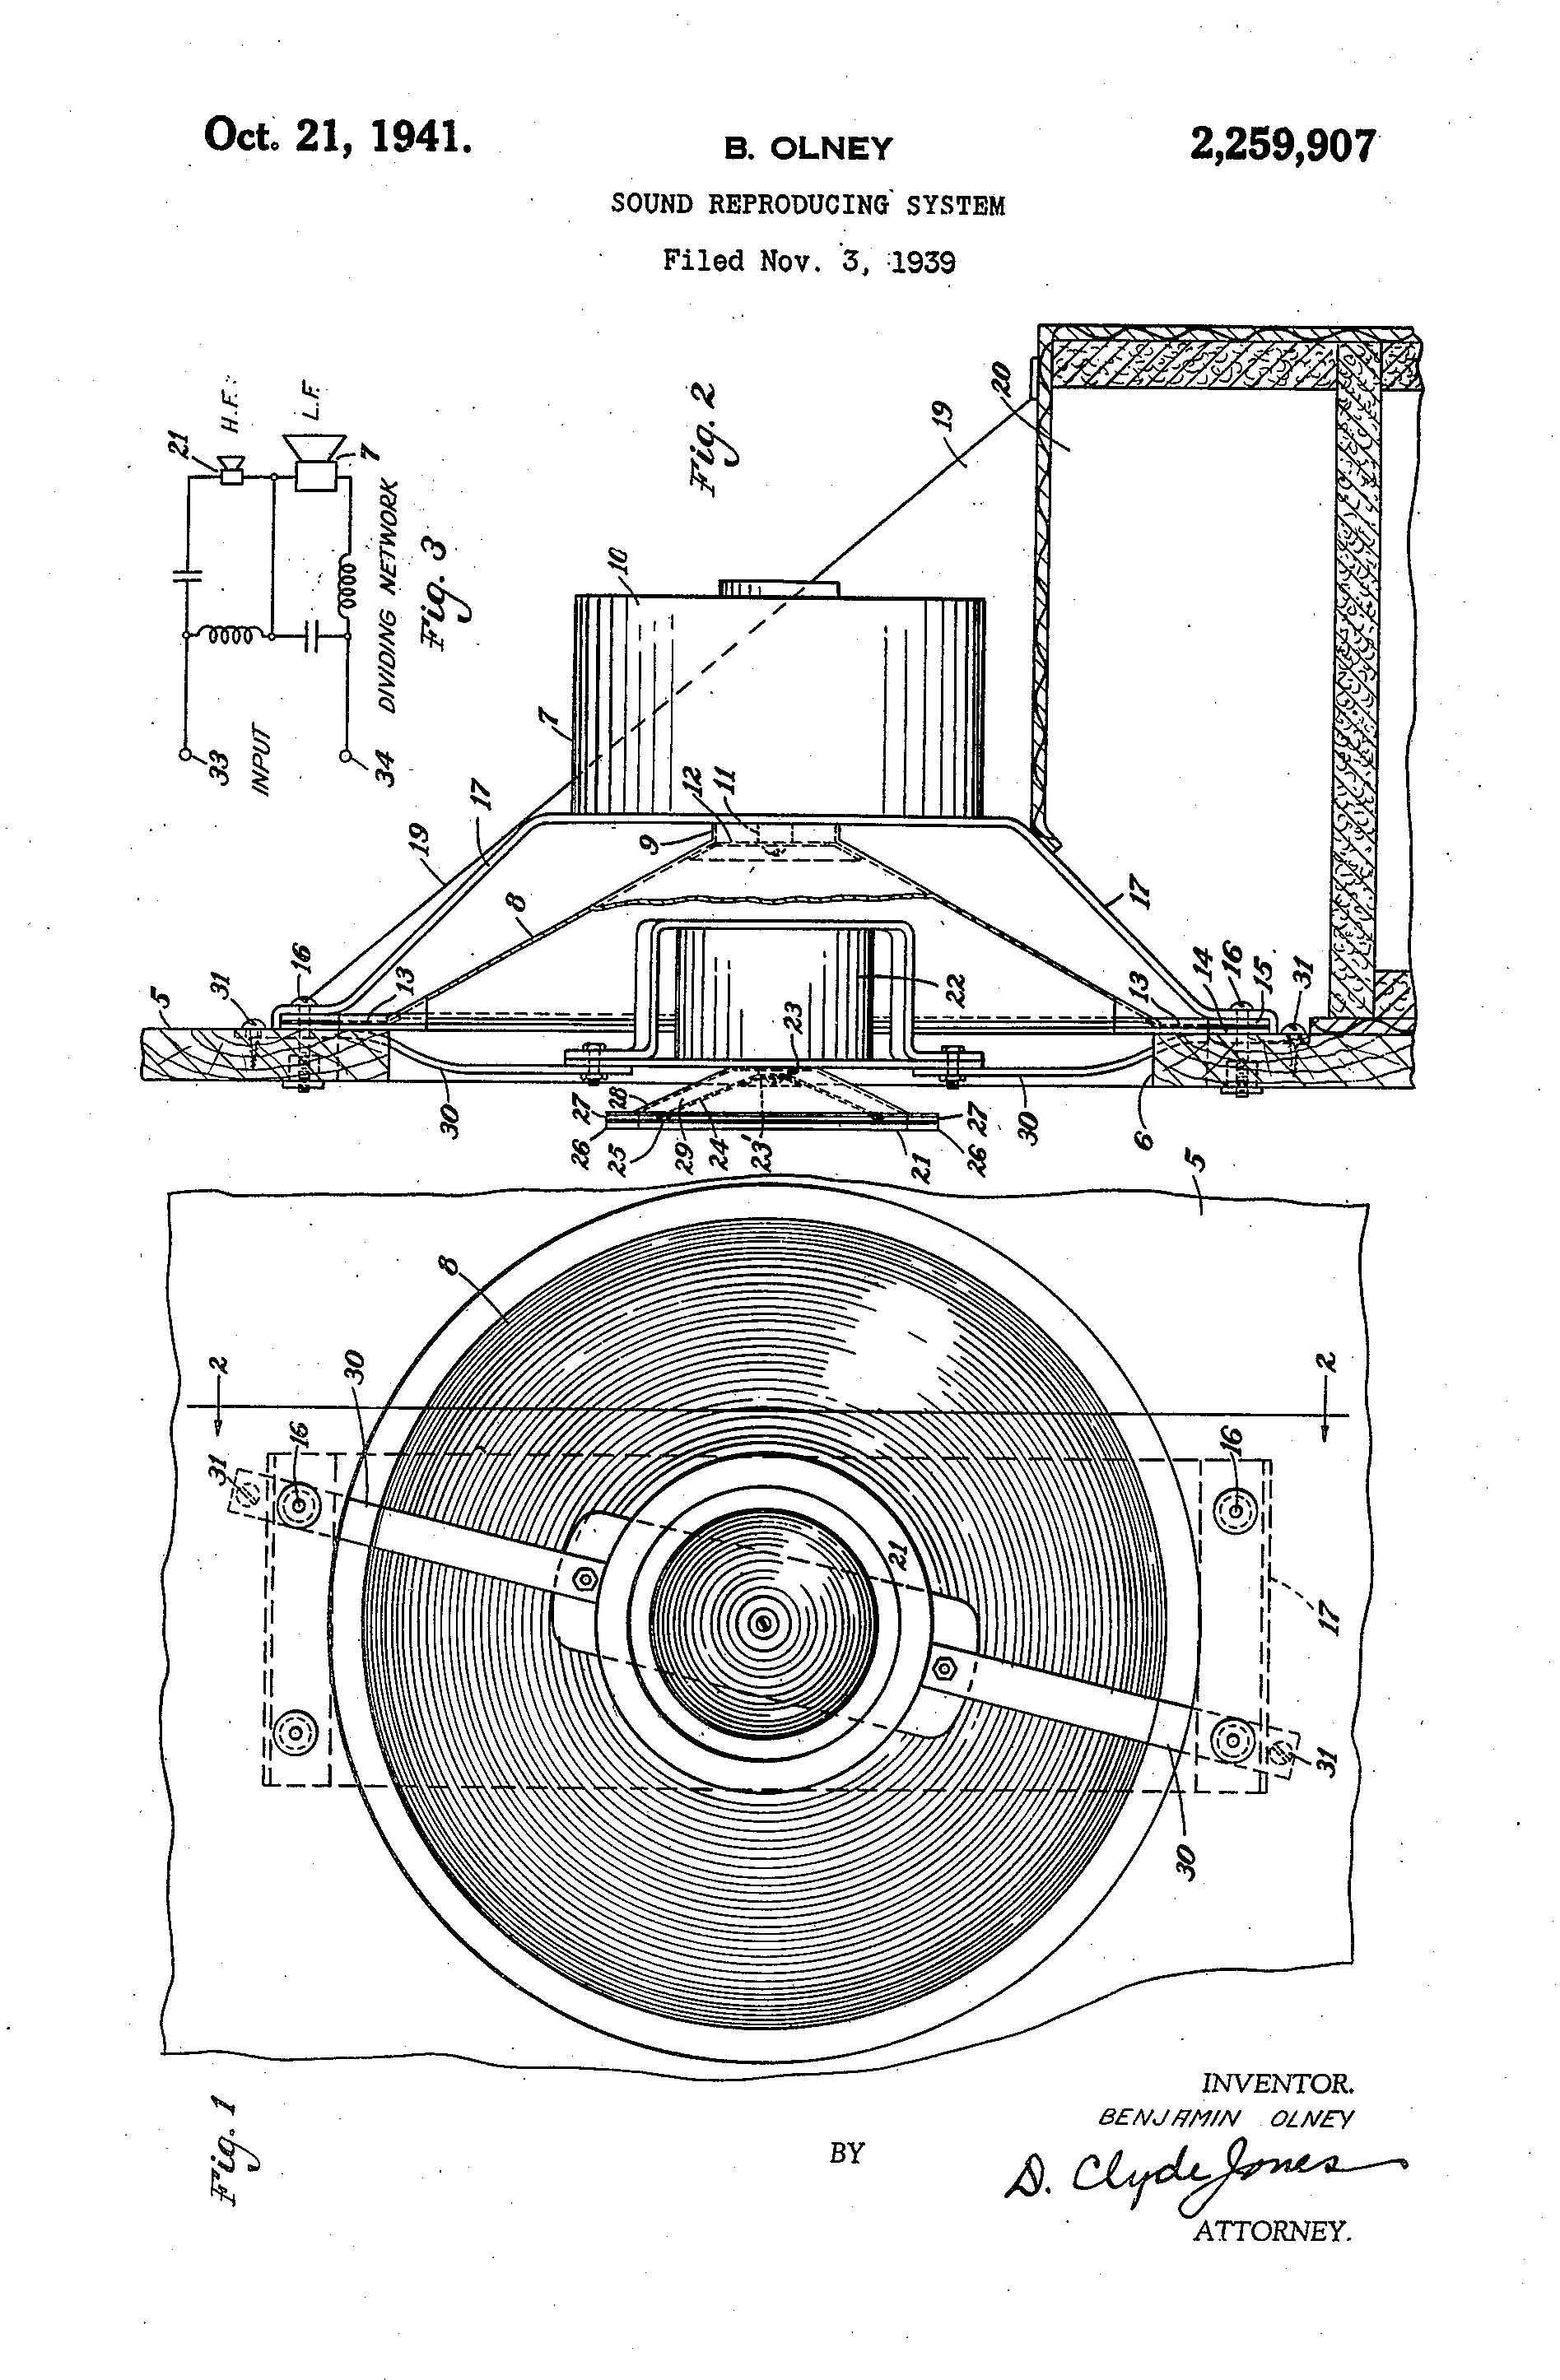 La pubblicazione nel 1941 degli studi di B. Olney (fonte: google.com)